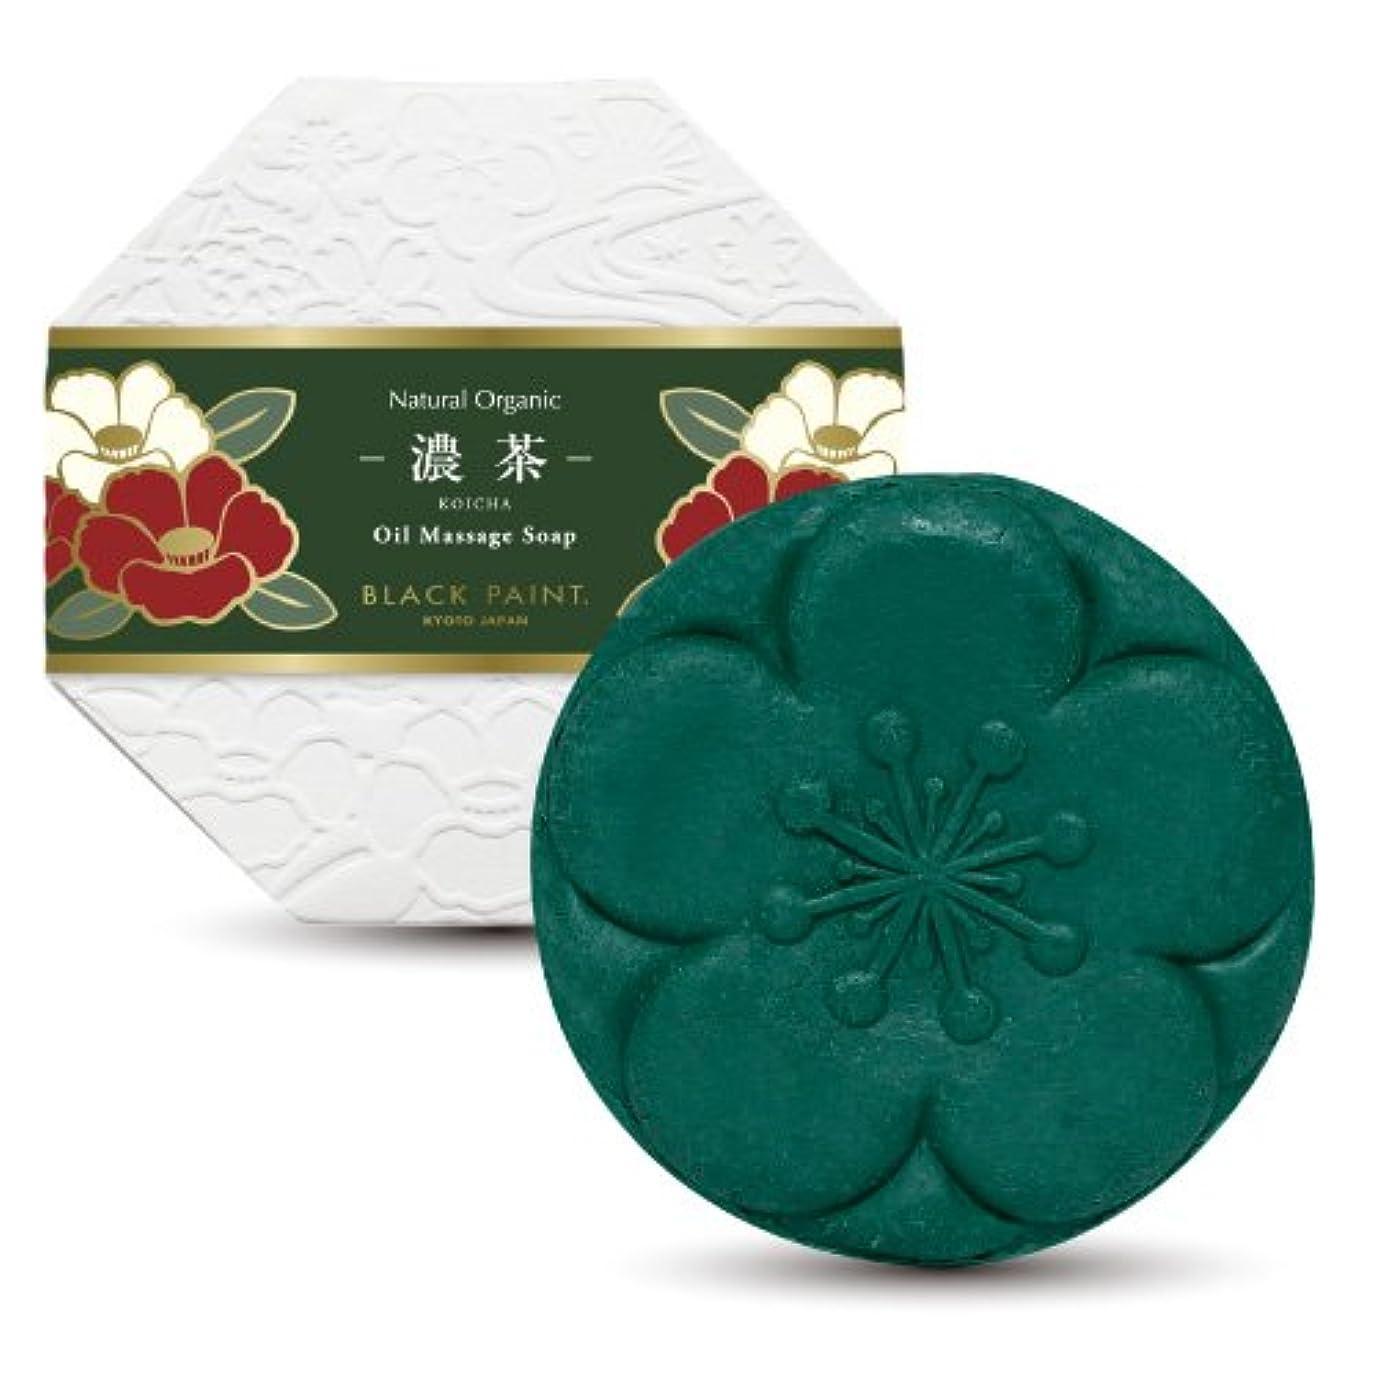 単独で感じ確率京のお茶石鹸 濃茶 120g 塗る石鹸